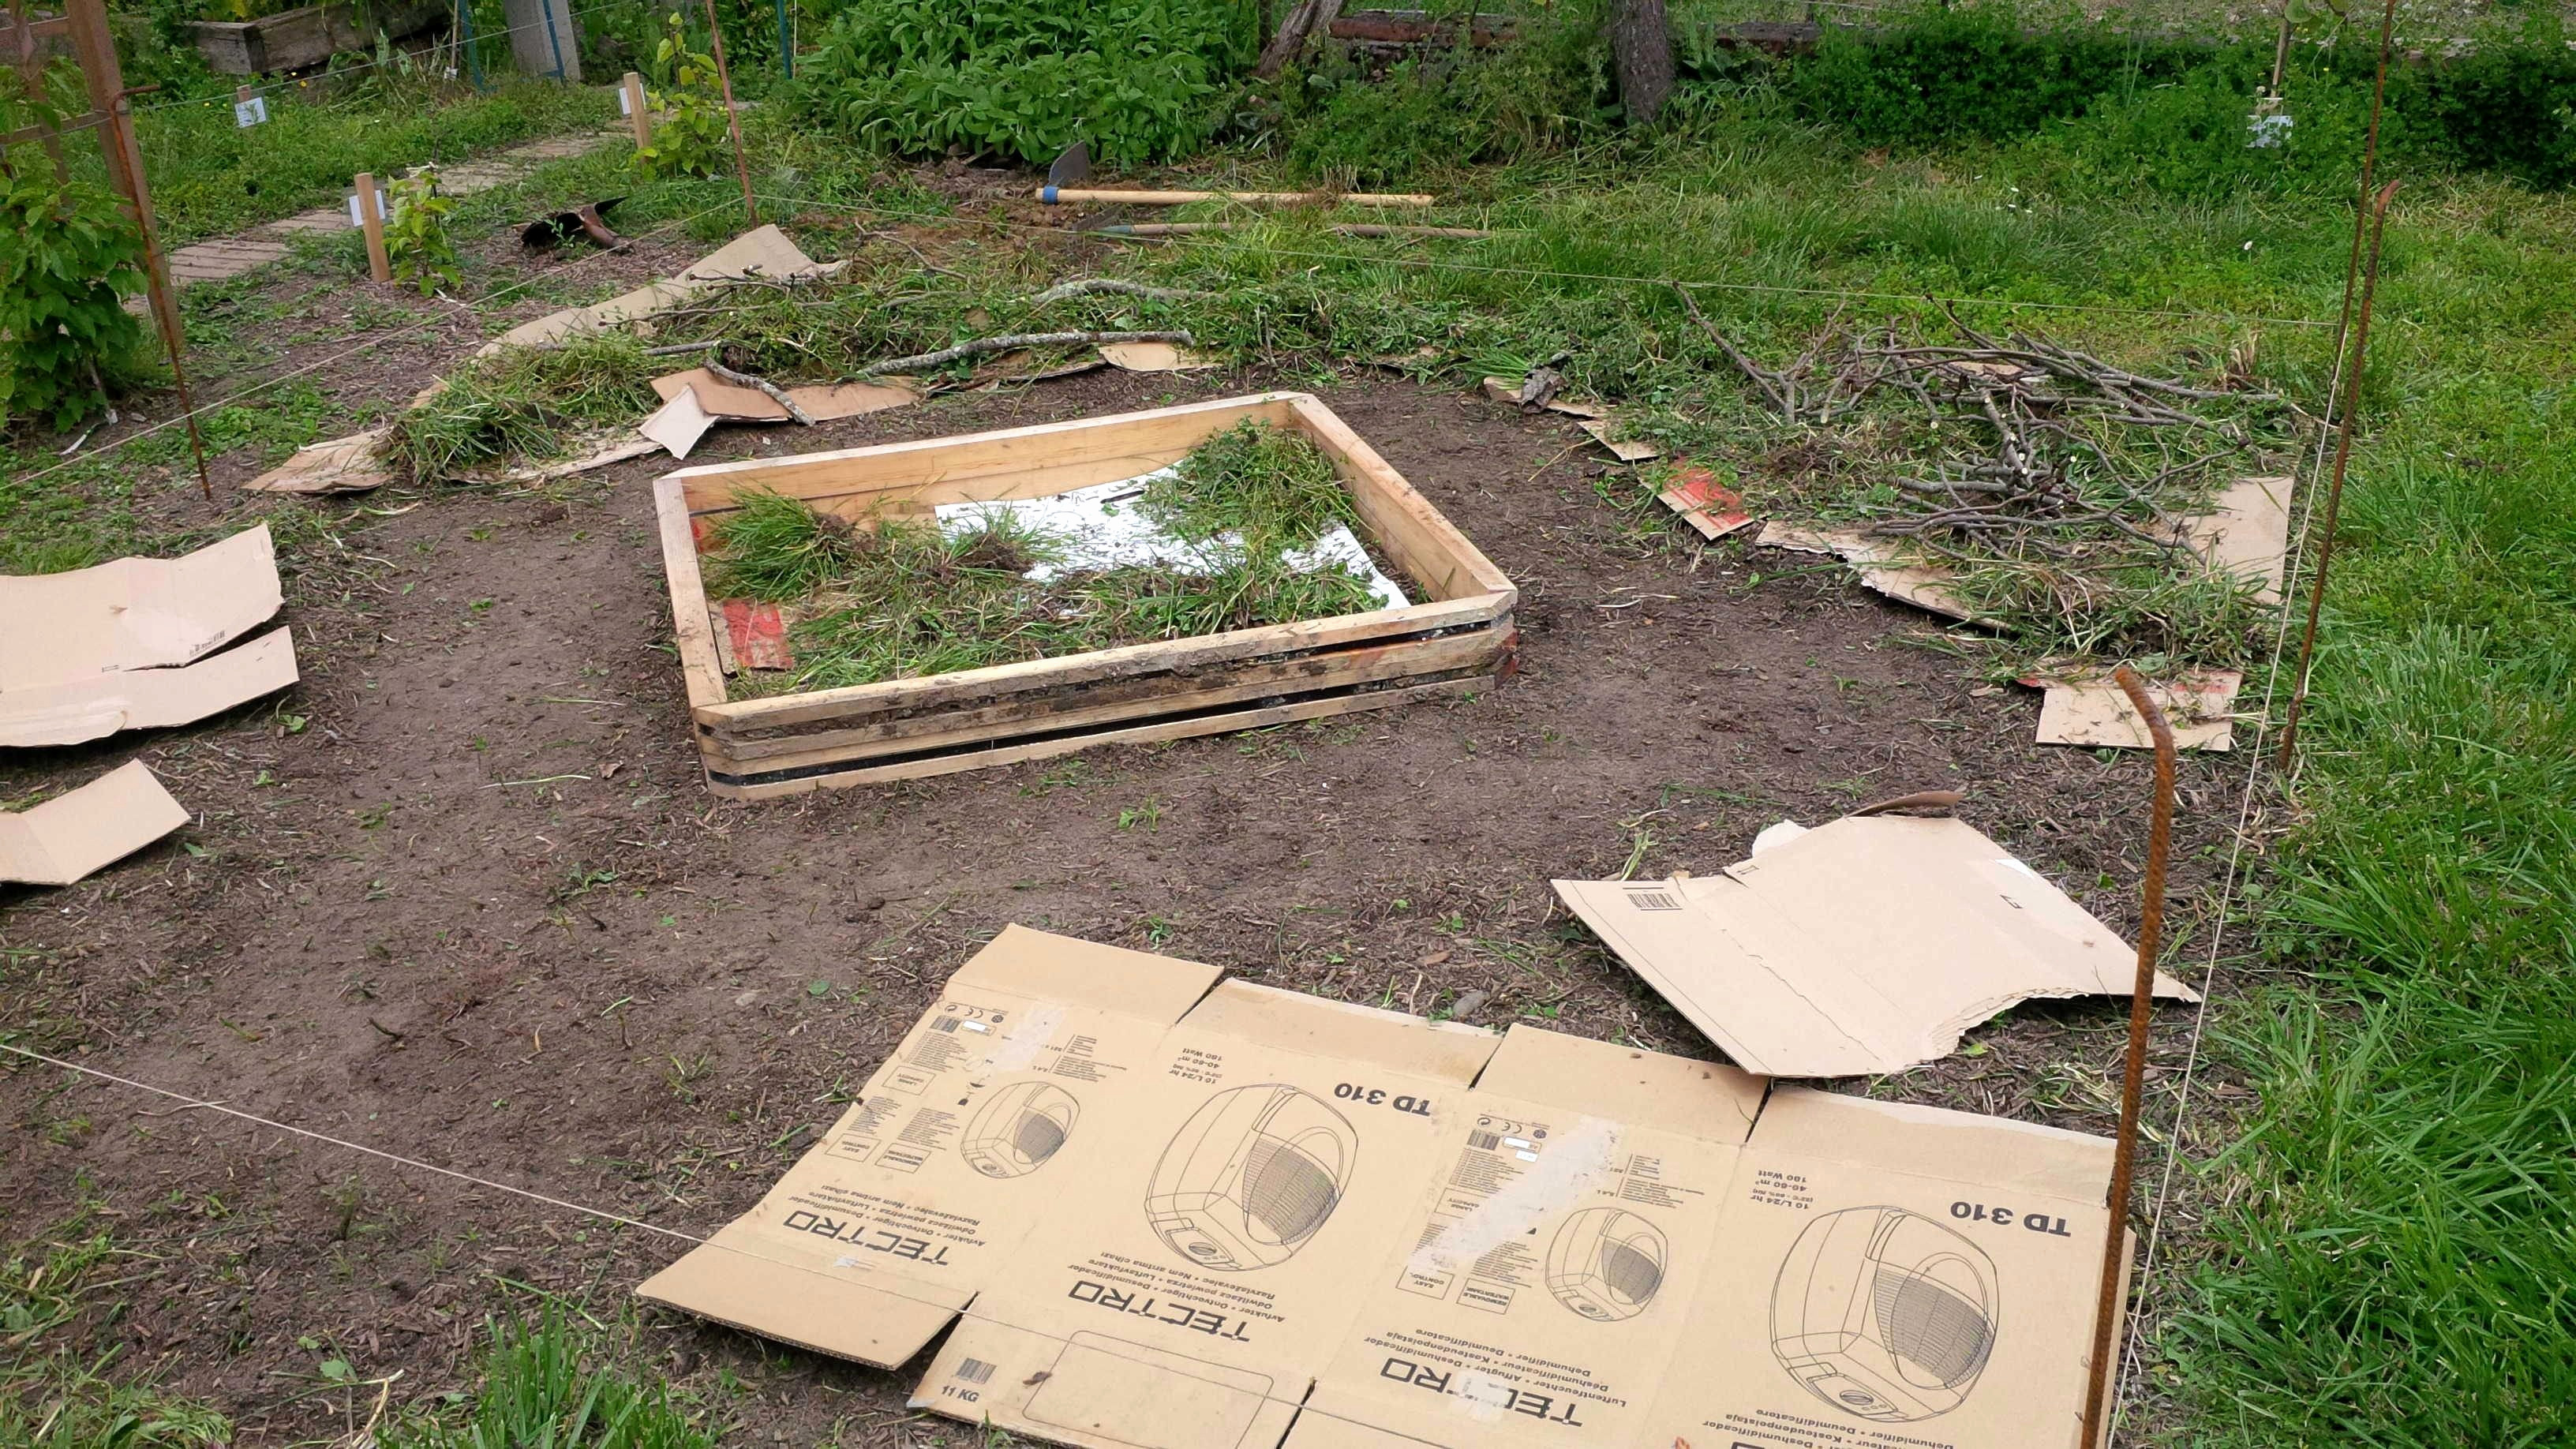 Bordure Jardin Bois Castorama Impressionnant Image La Plus De Emotionnant Abri Jardin Castorama Mod¨le – Sullivanmaxx